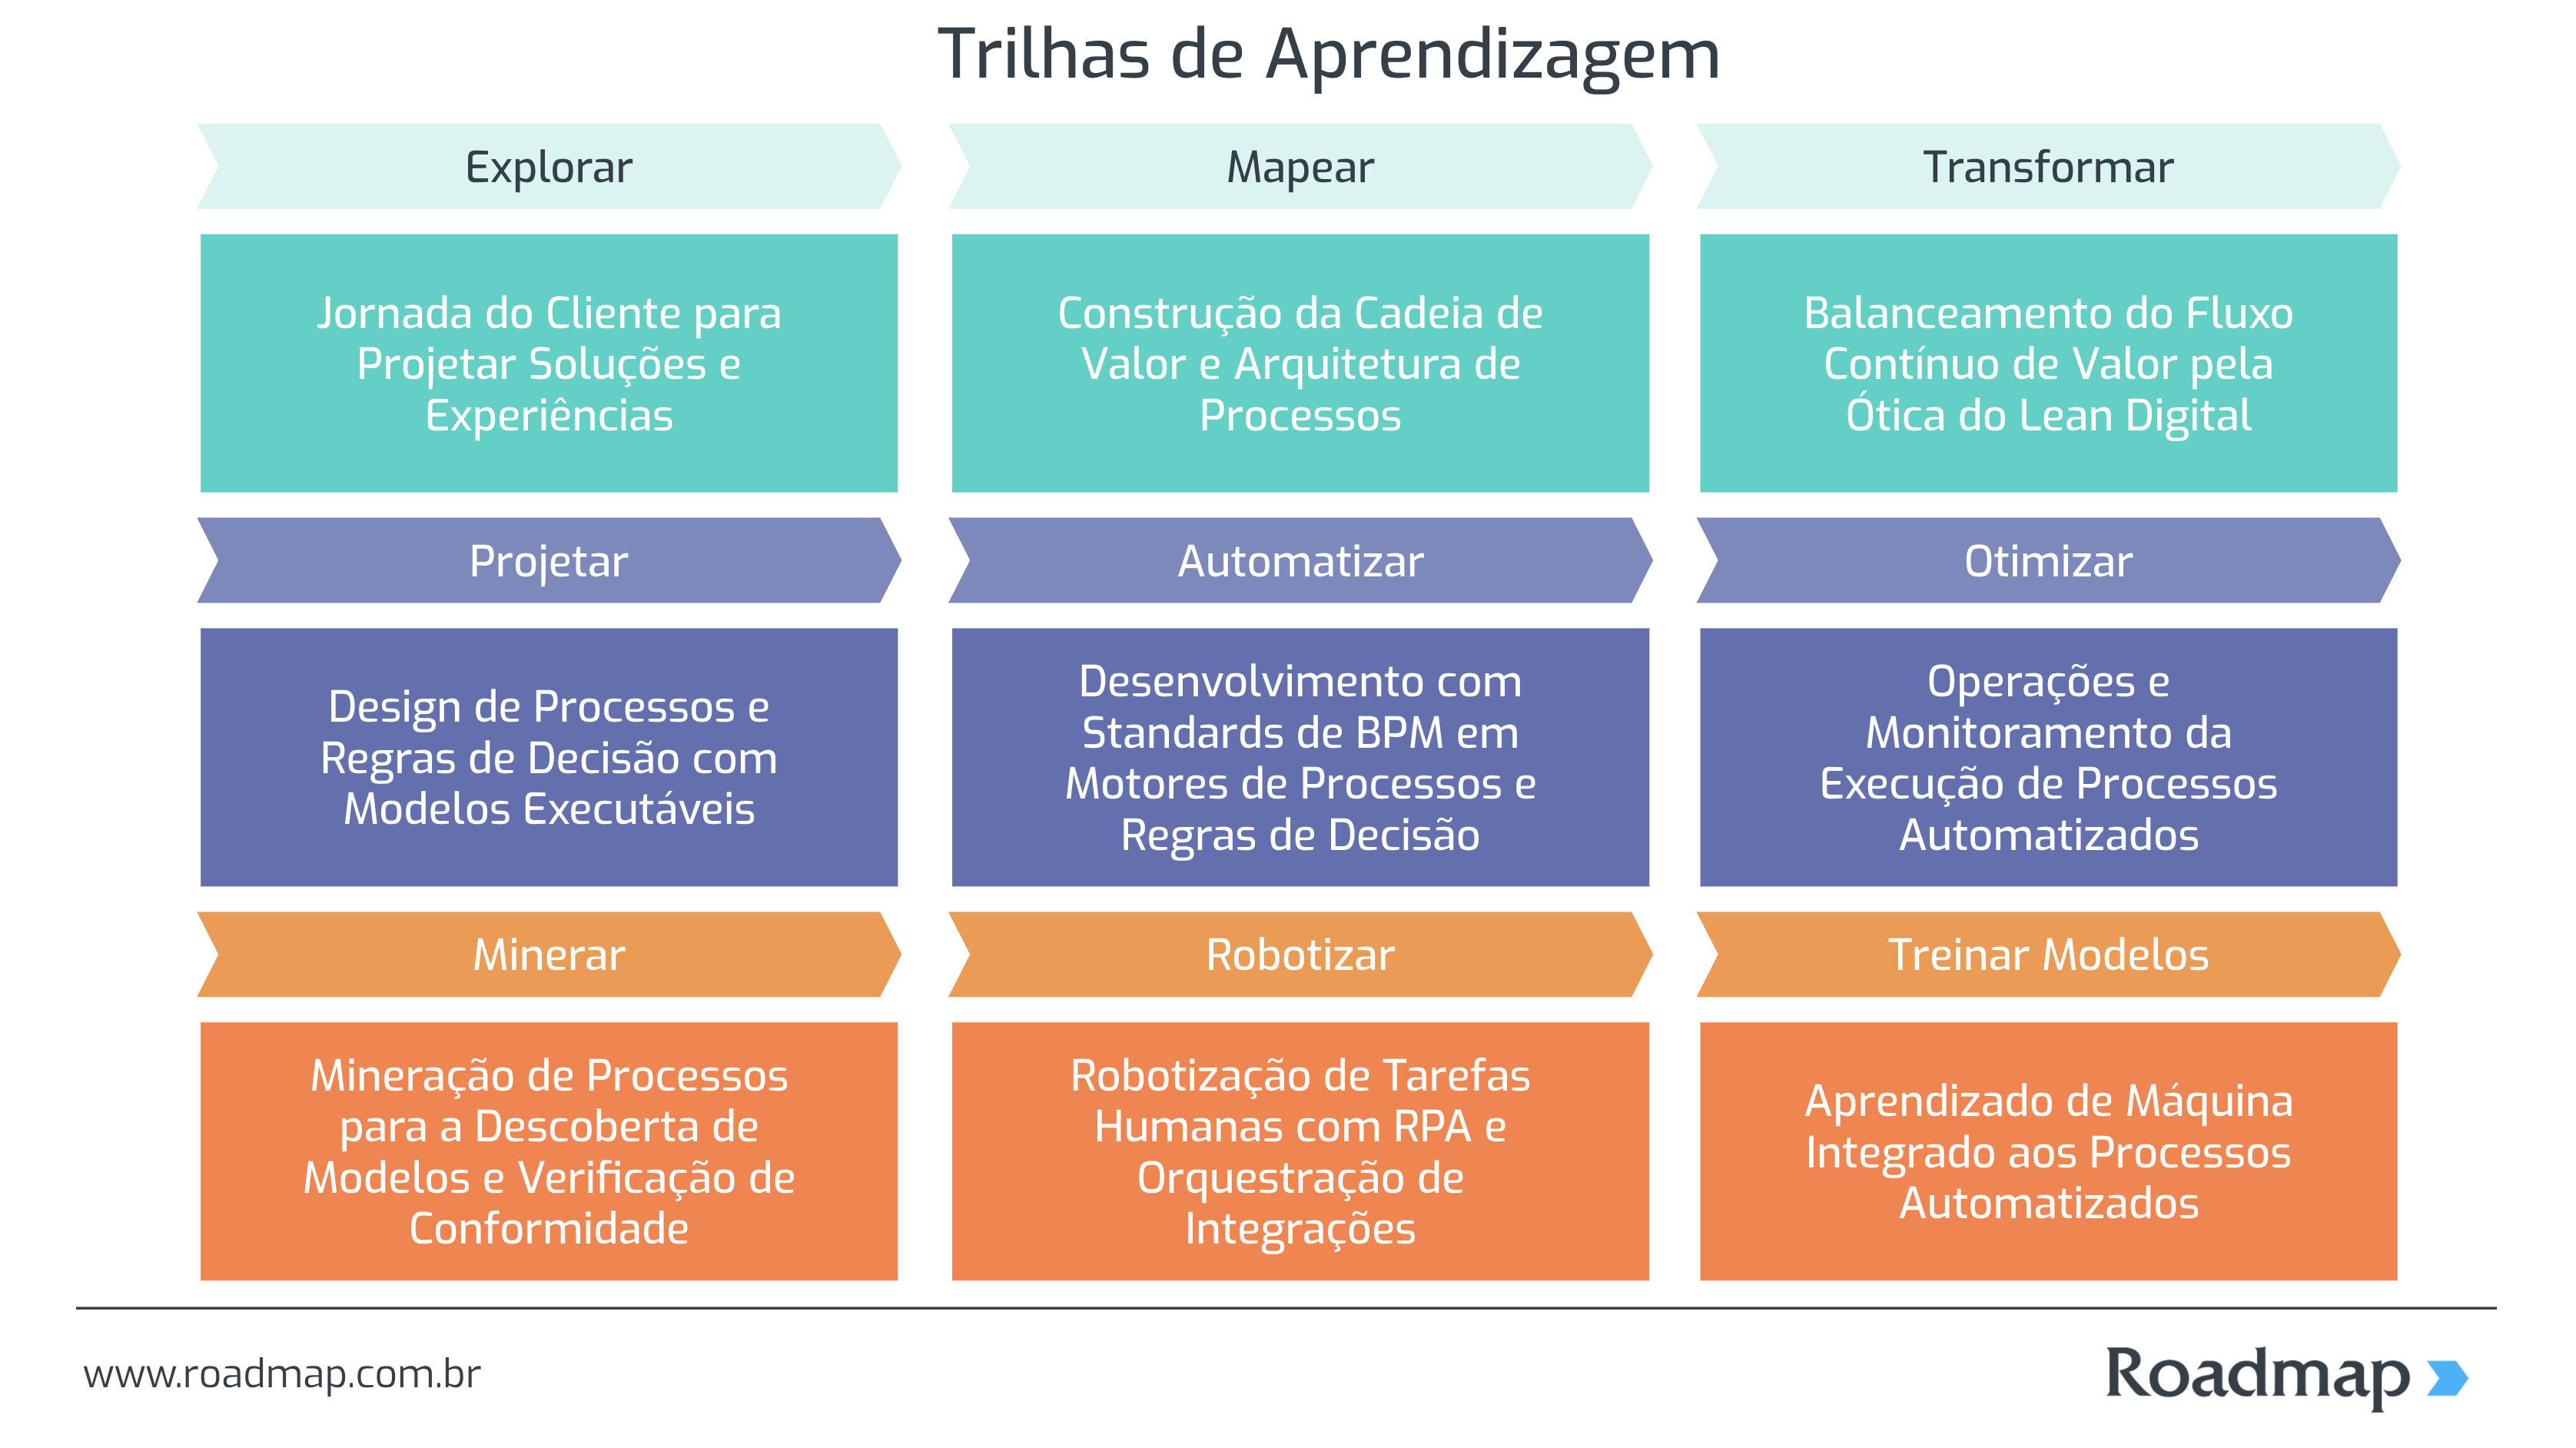 Roadmap | Trilhas de Aprendizagem